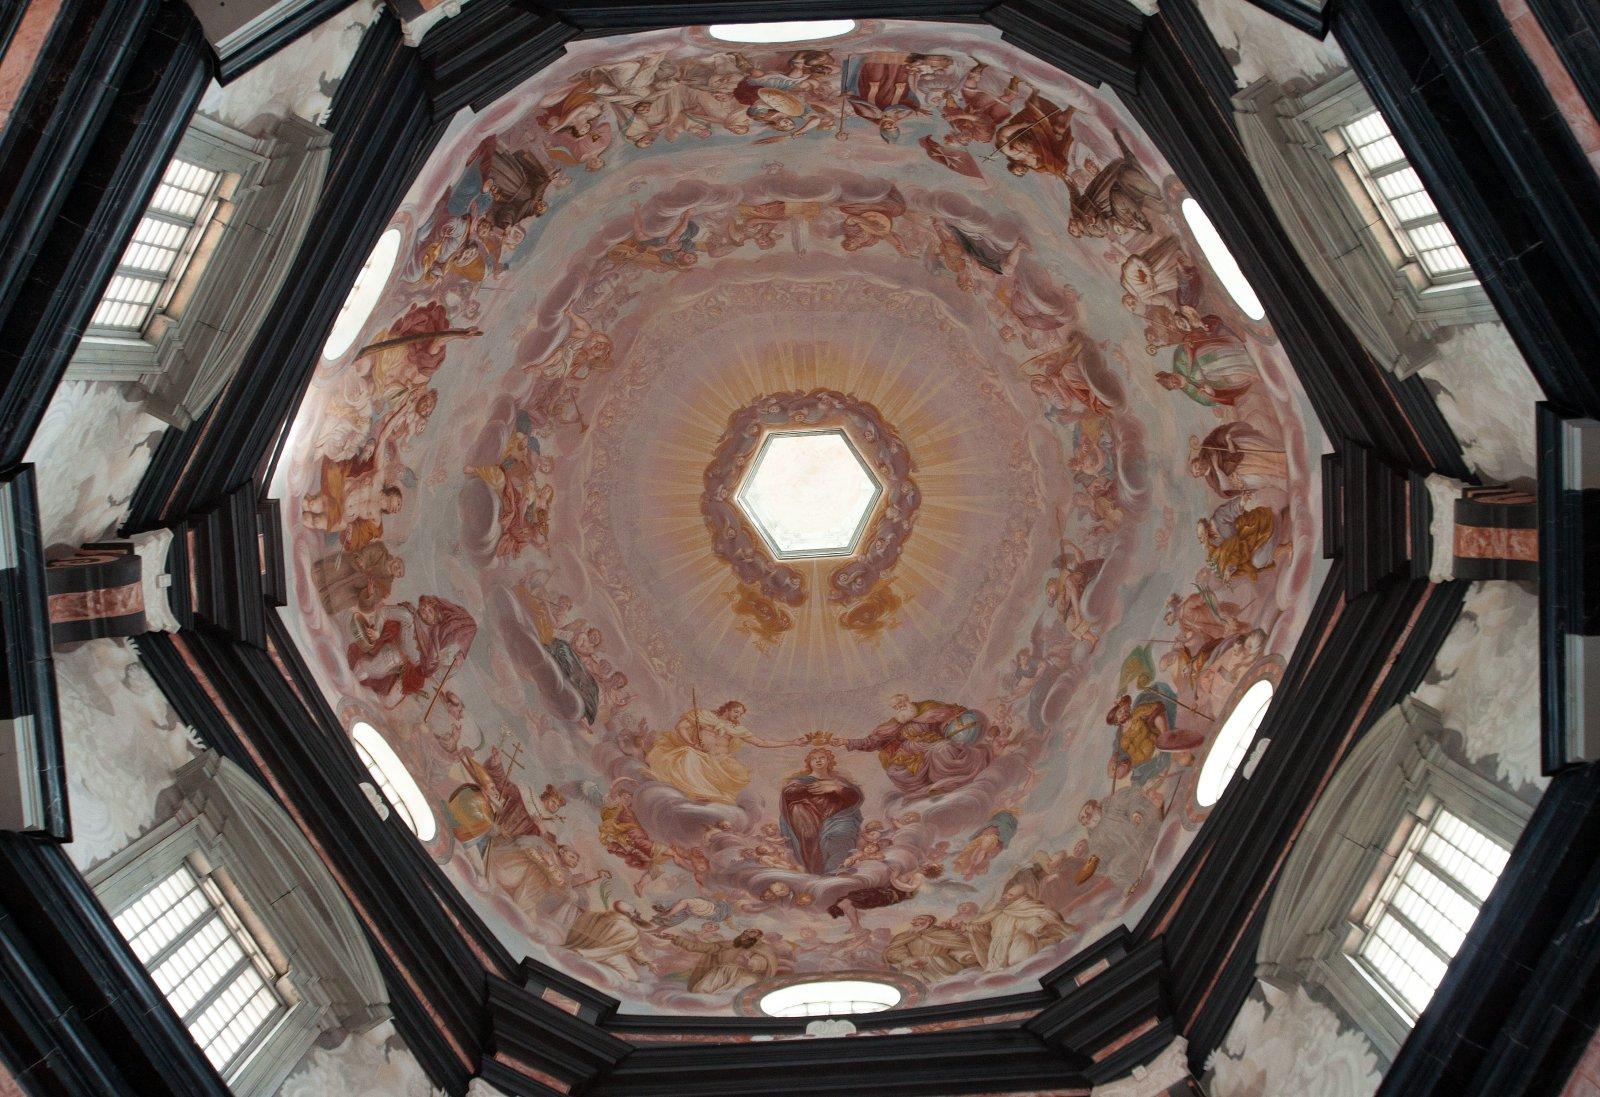 1 il. Giuseppe Rossi. Švč. Mergelės Marijos vainikavimas. Freska. 1712–1719. Visuminis vaizdas į Pažaislio bažnyčios kupolo daugiafigūrę freską iš apačios. Fot. Aurimas Švedas. 2013 m.